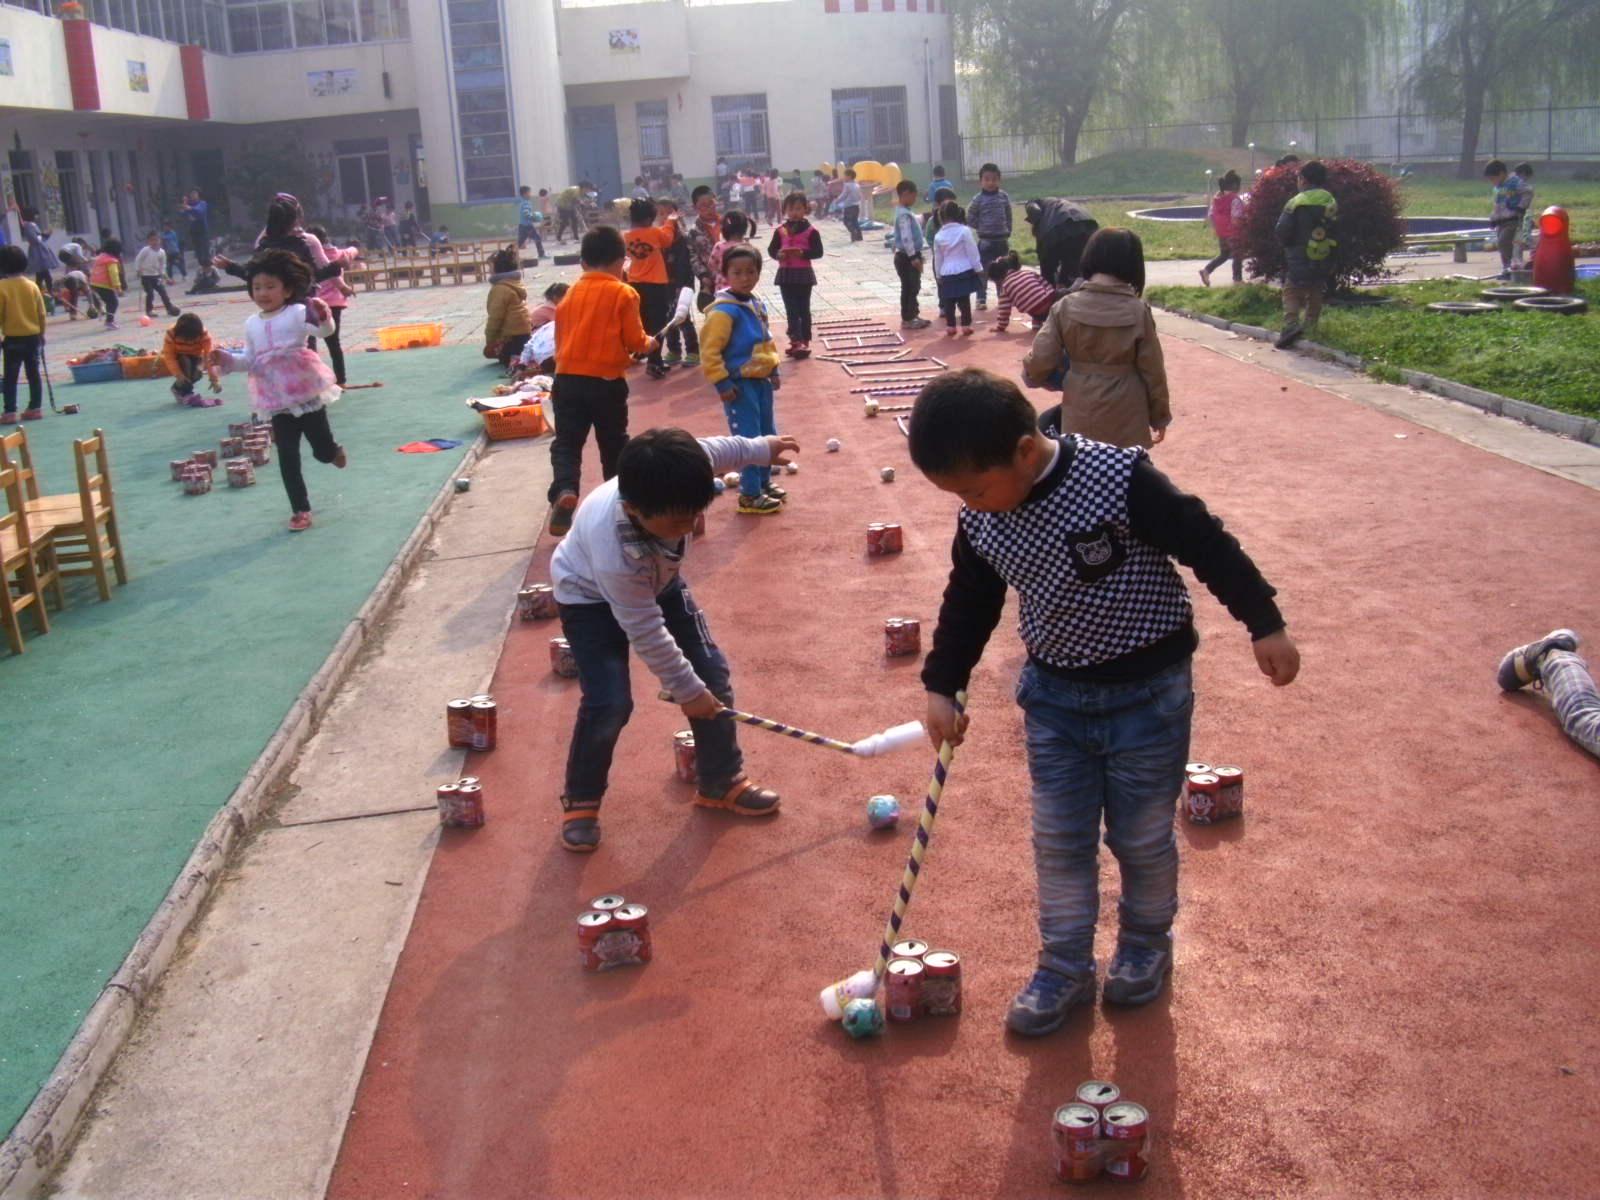 为了进一步丰富幼儿晨间活动内容,提高孩子的锻炼兴趣,增强体质,近日,边城镇东昌幼儿园开展了晨间锻炼活动评比。活动中,教师分工明确,以孩子的兴趣为起点,认真组织幼儿开展晨间锻炼,在明媚的阳光下,孩子们展开了愉快的活动,运用各种器械进行身体锻炼:有的赶小猪,有的打高尔夫,有的套圈,还有的投手榴弹、玩布袋、流星球玩不亦乐乎,充分地发展了走、跑、跳、钻爬、投掷等基本动作和技能,更好的促进了孩子快乐成长。(许青)